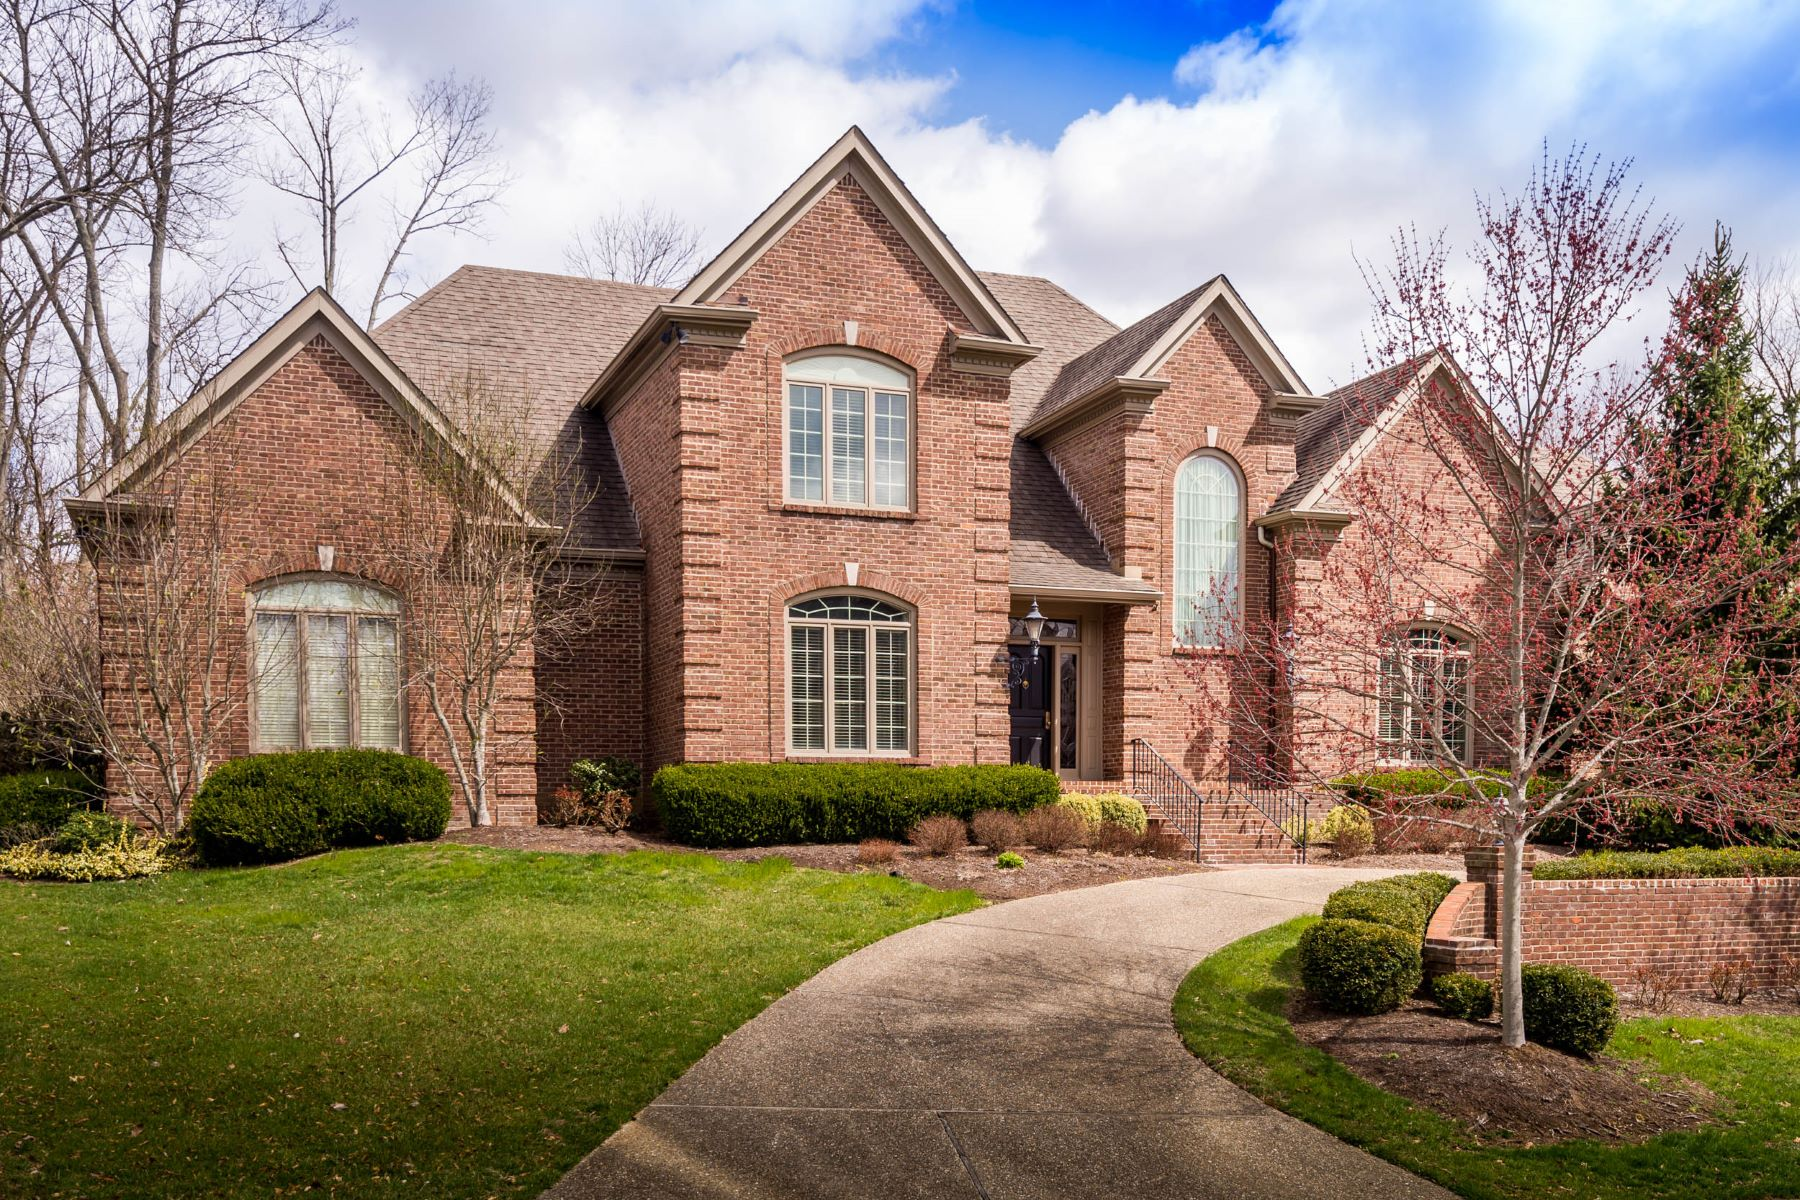 Einfamilienhaus für Verkauf beim 2121 Shelton Rd Lexington, Kentucky, 40515 Vereinigte Staaten